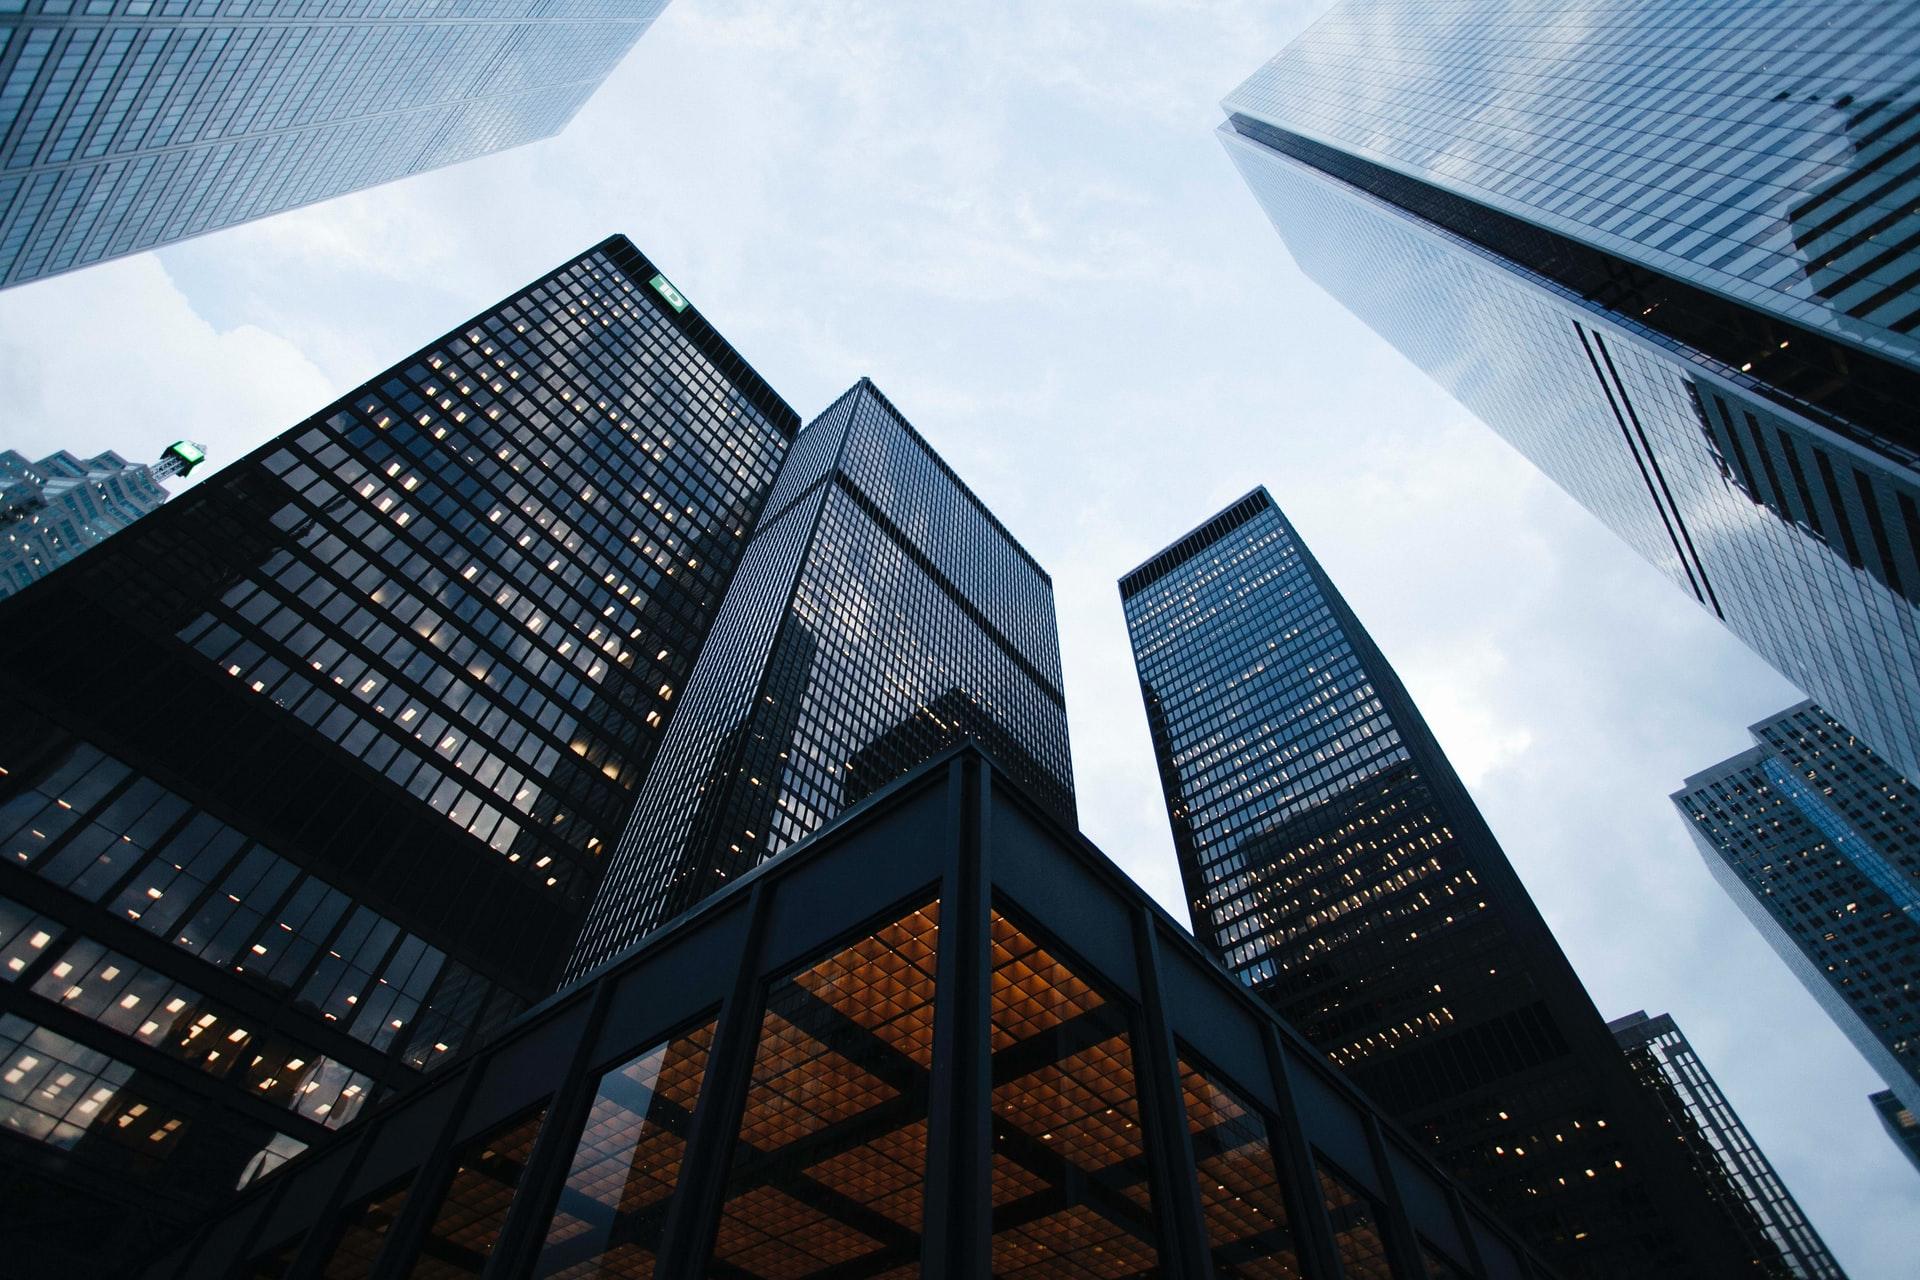 高層ビル街